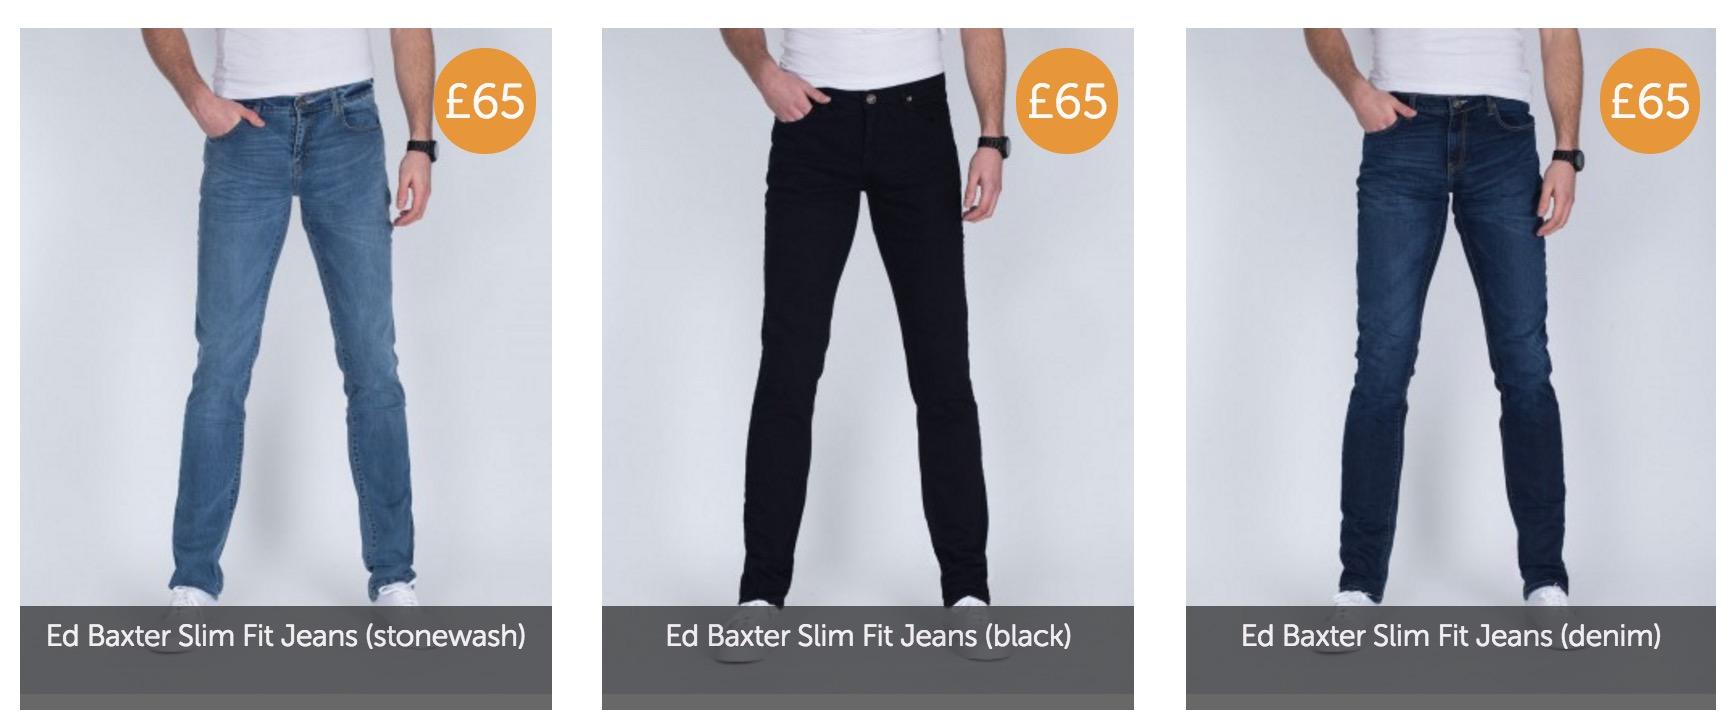 2 tall slim fit jeans